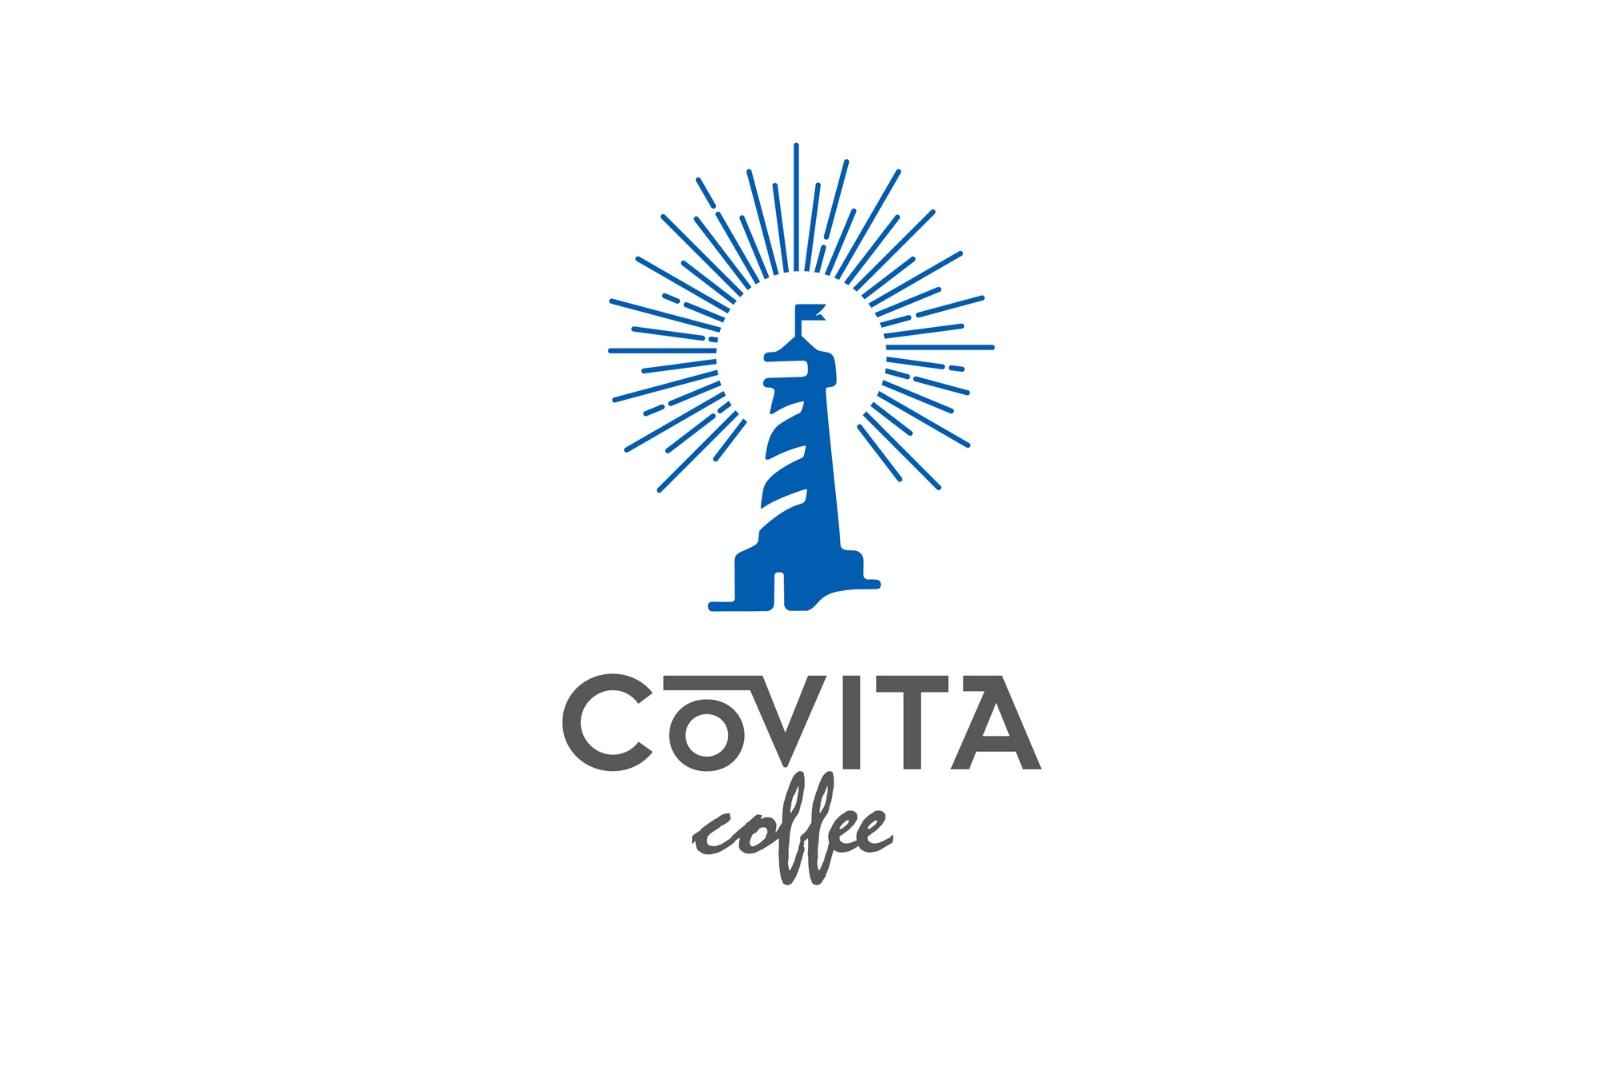 COVITA